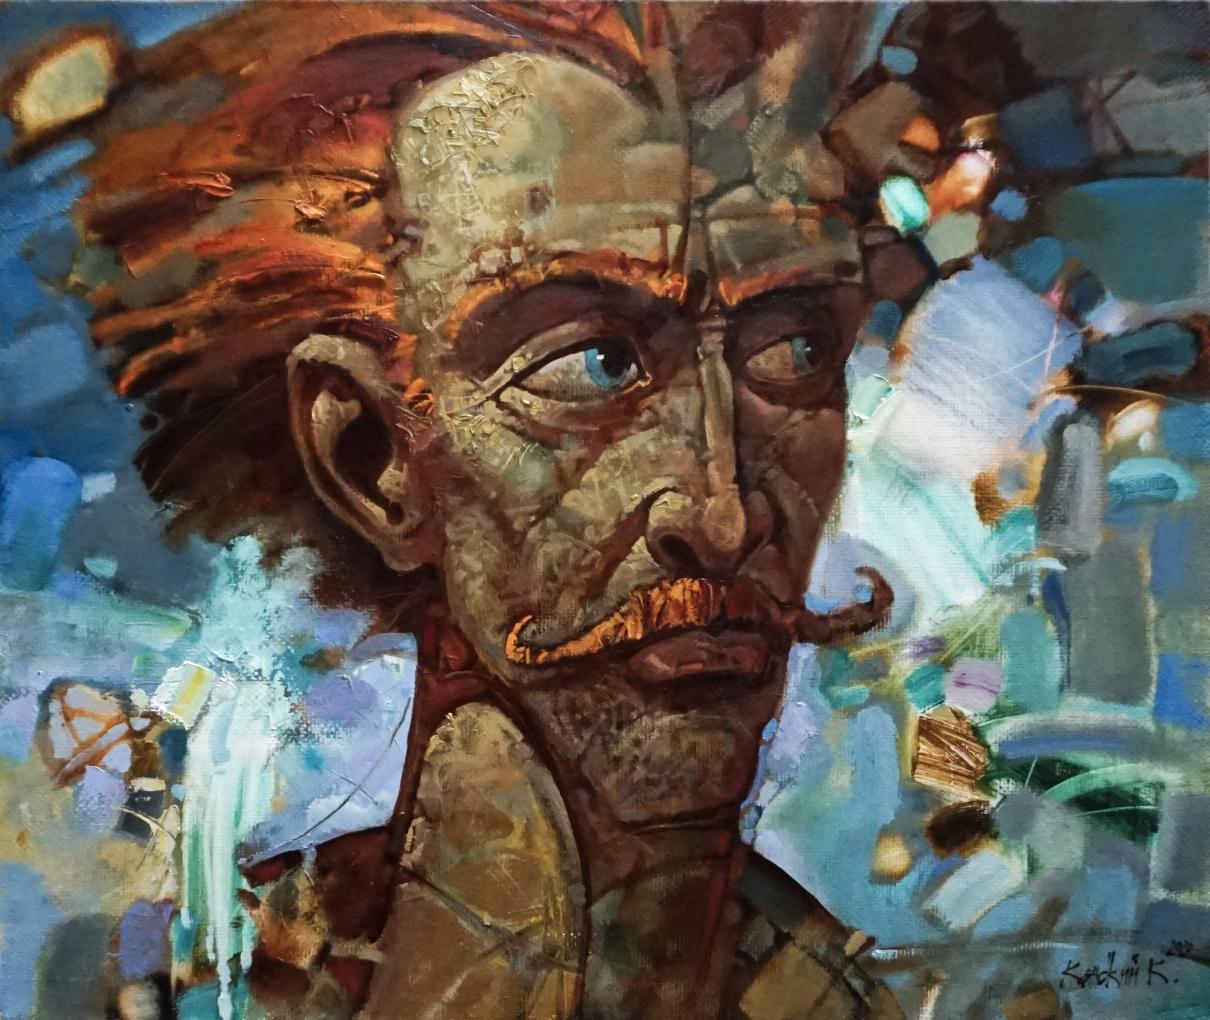 На этот раз мы видим портрет необычного человека. У него яркие эмоции. Черты лица выдают порывистость, целеустремленность. Человек изображается в тот самый момент своей жизни, когда все сошлось воедино: желания, возможности, способности.